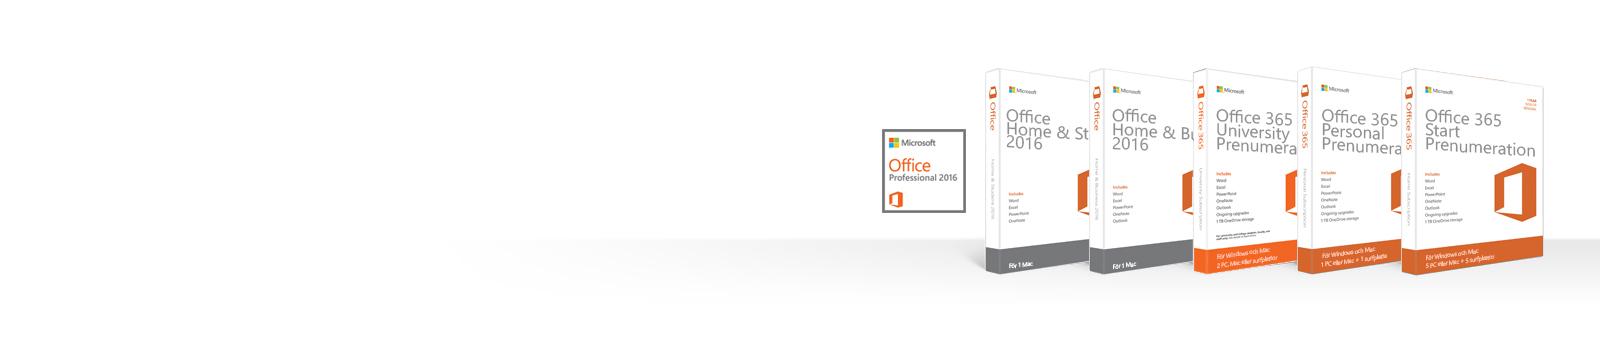 Hantera, ladda ned, säkerhetskopiera eller återställa Office-produkter